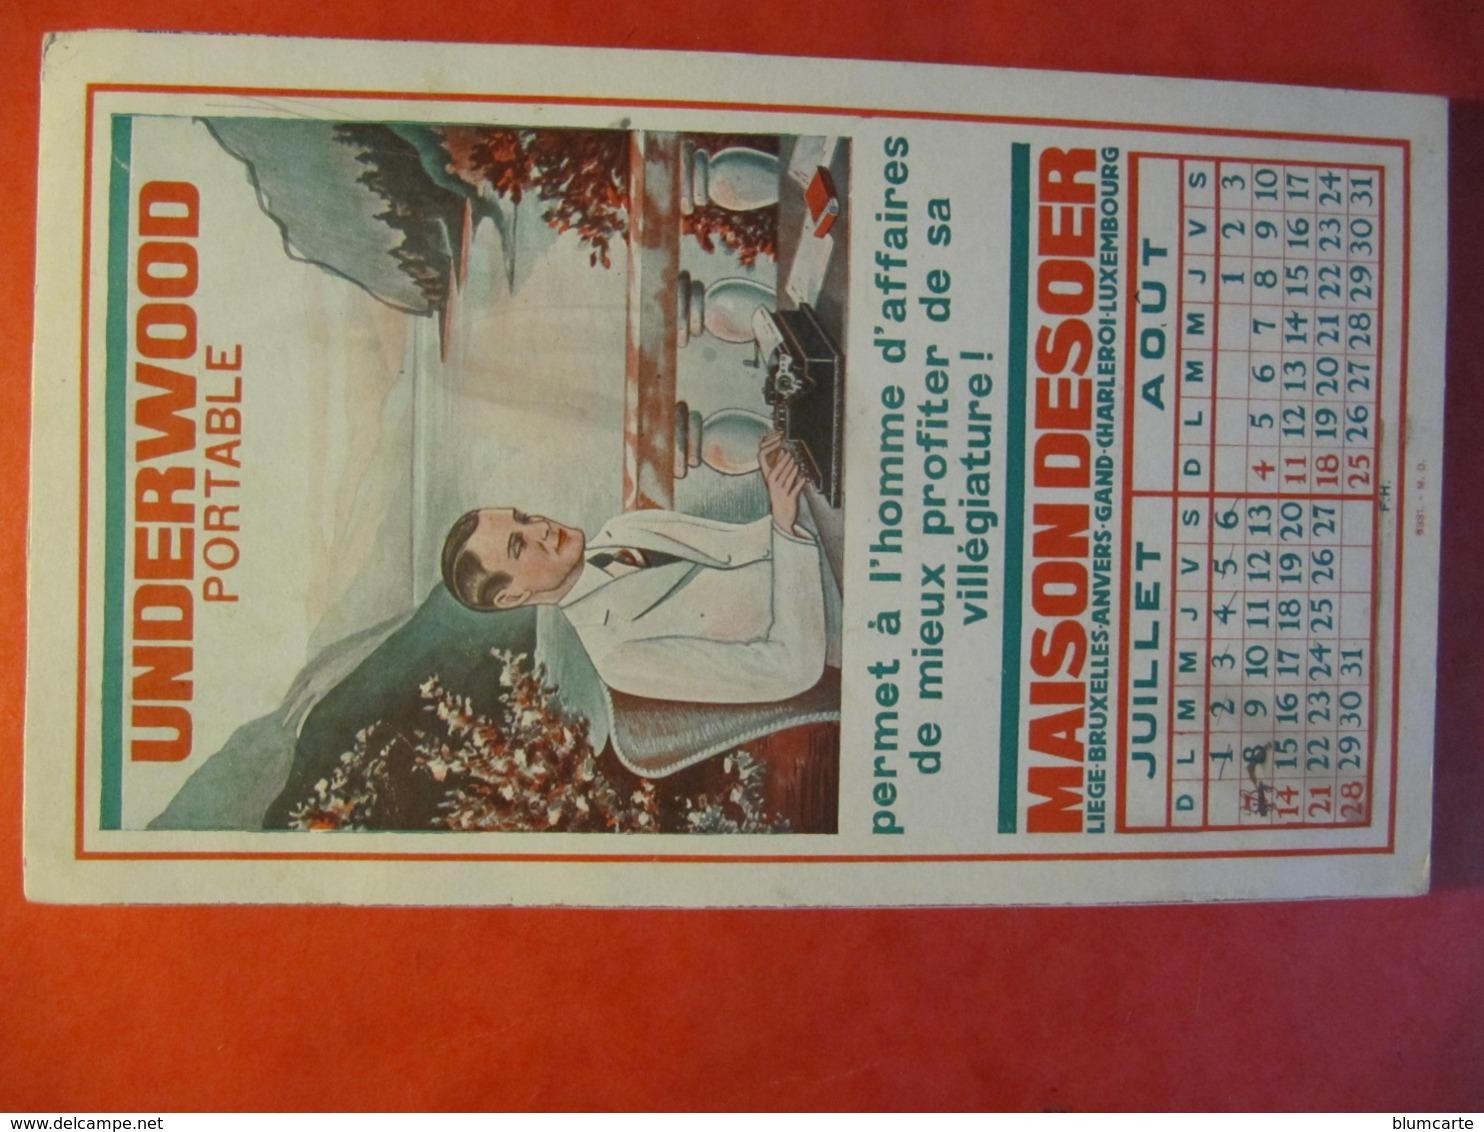 BUVARD - UNDERWOOD PORTABLE - MAISON DESOER - LIEGE - BRUXELLES... - Format : 21 X 13 Cm - Blotters